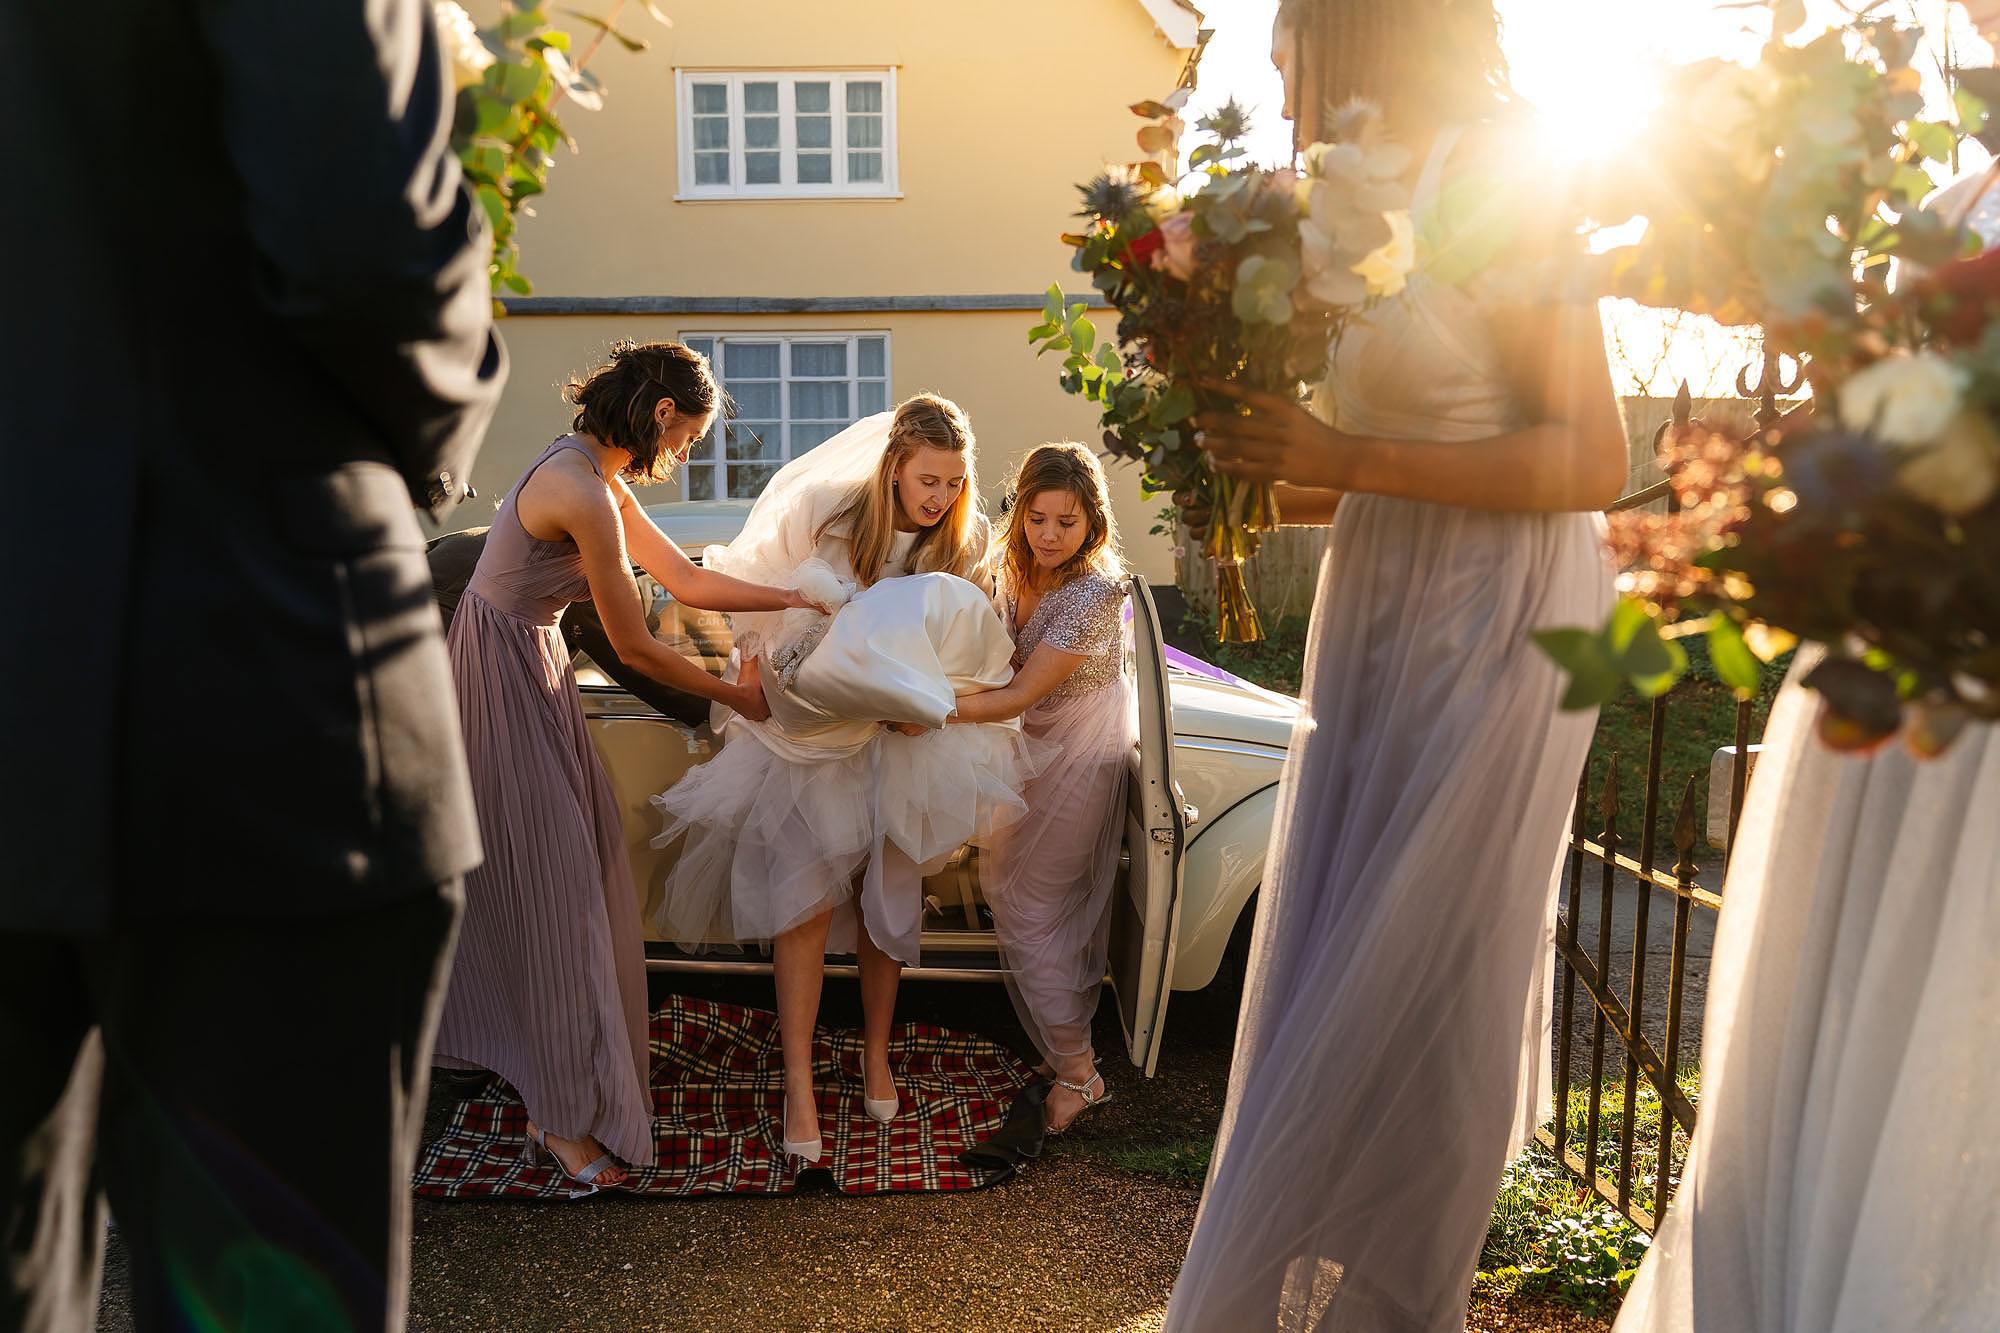 Blythburgh church winter wedding bride